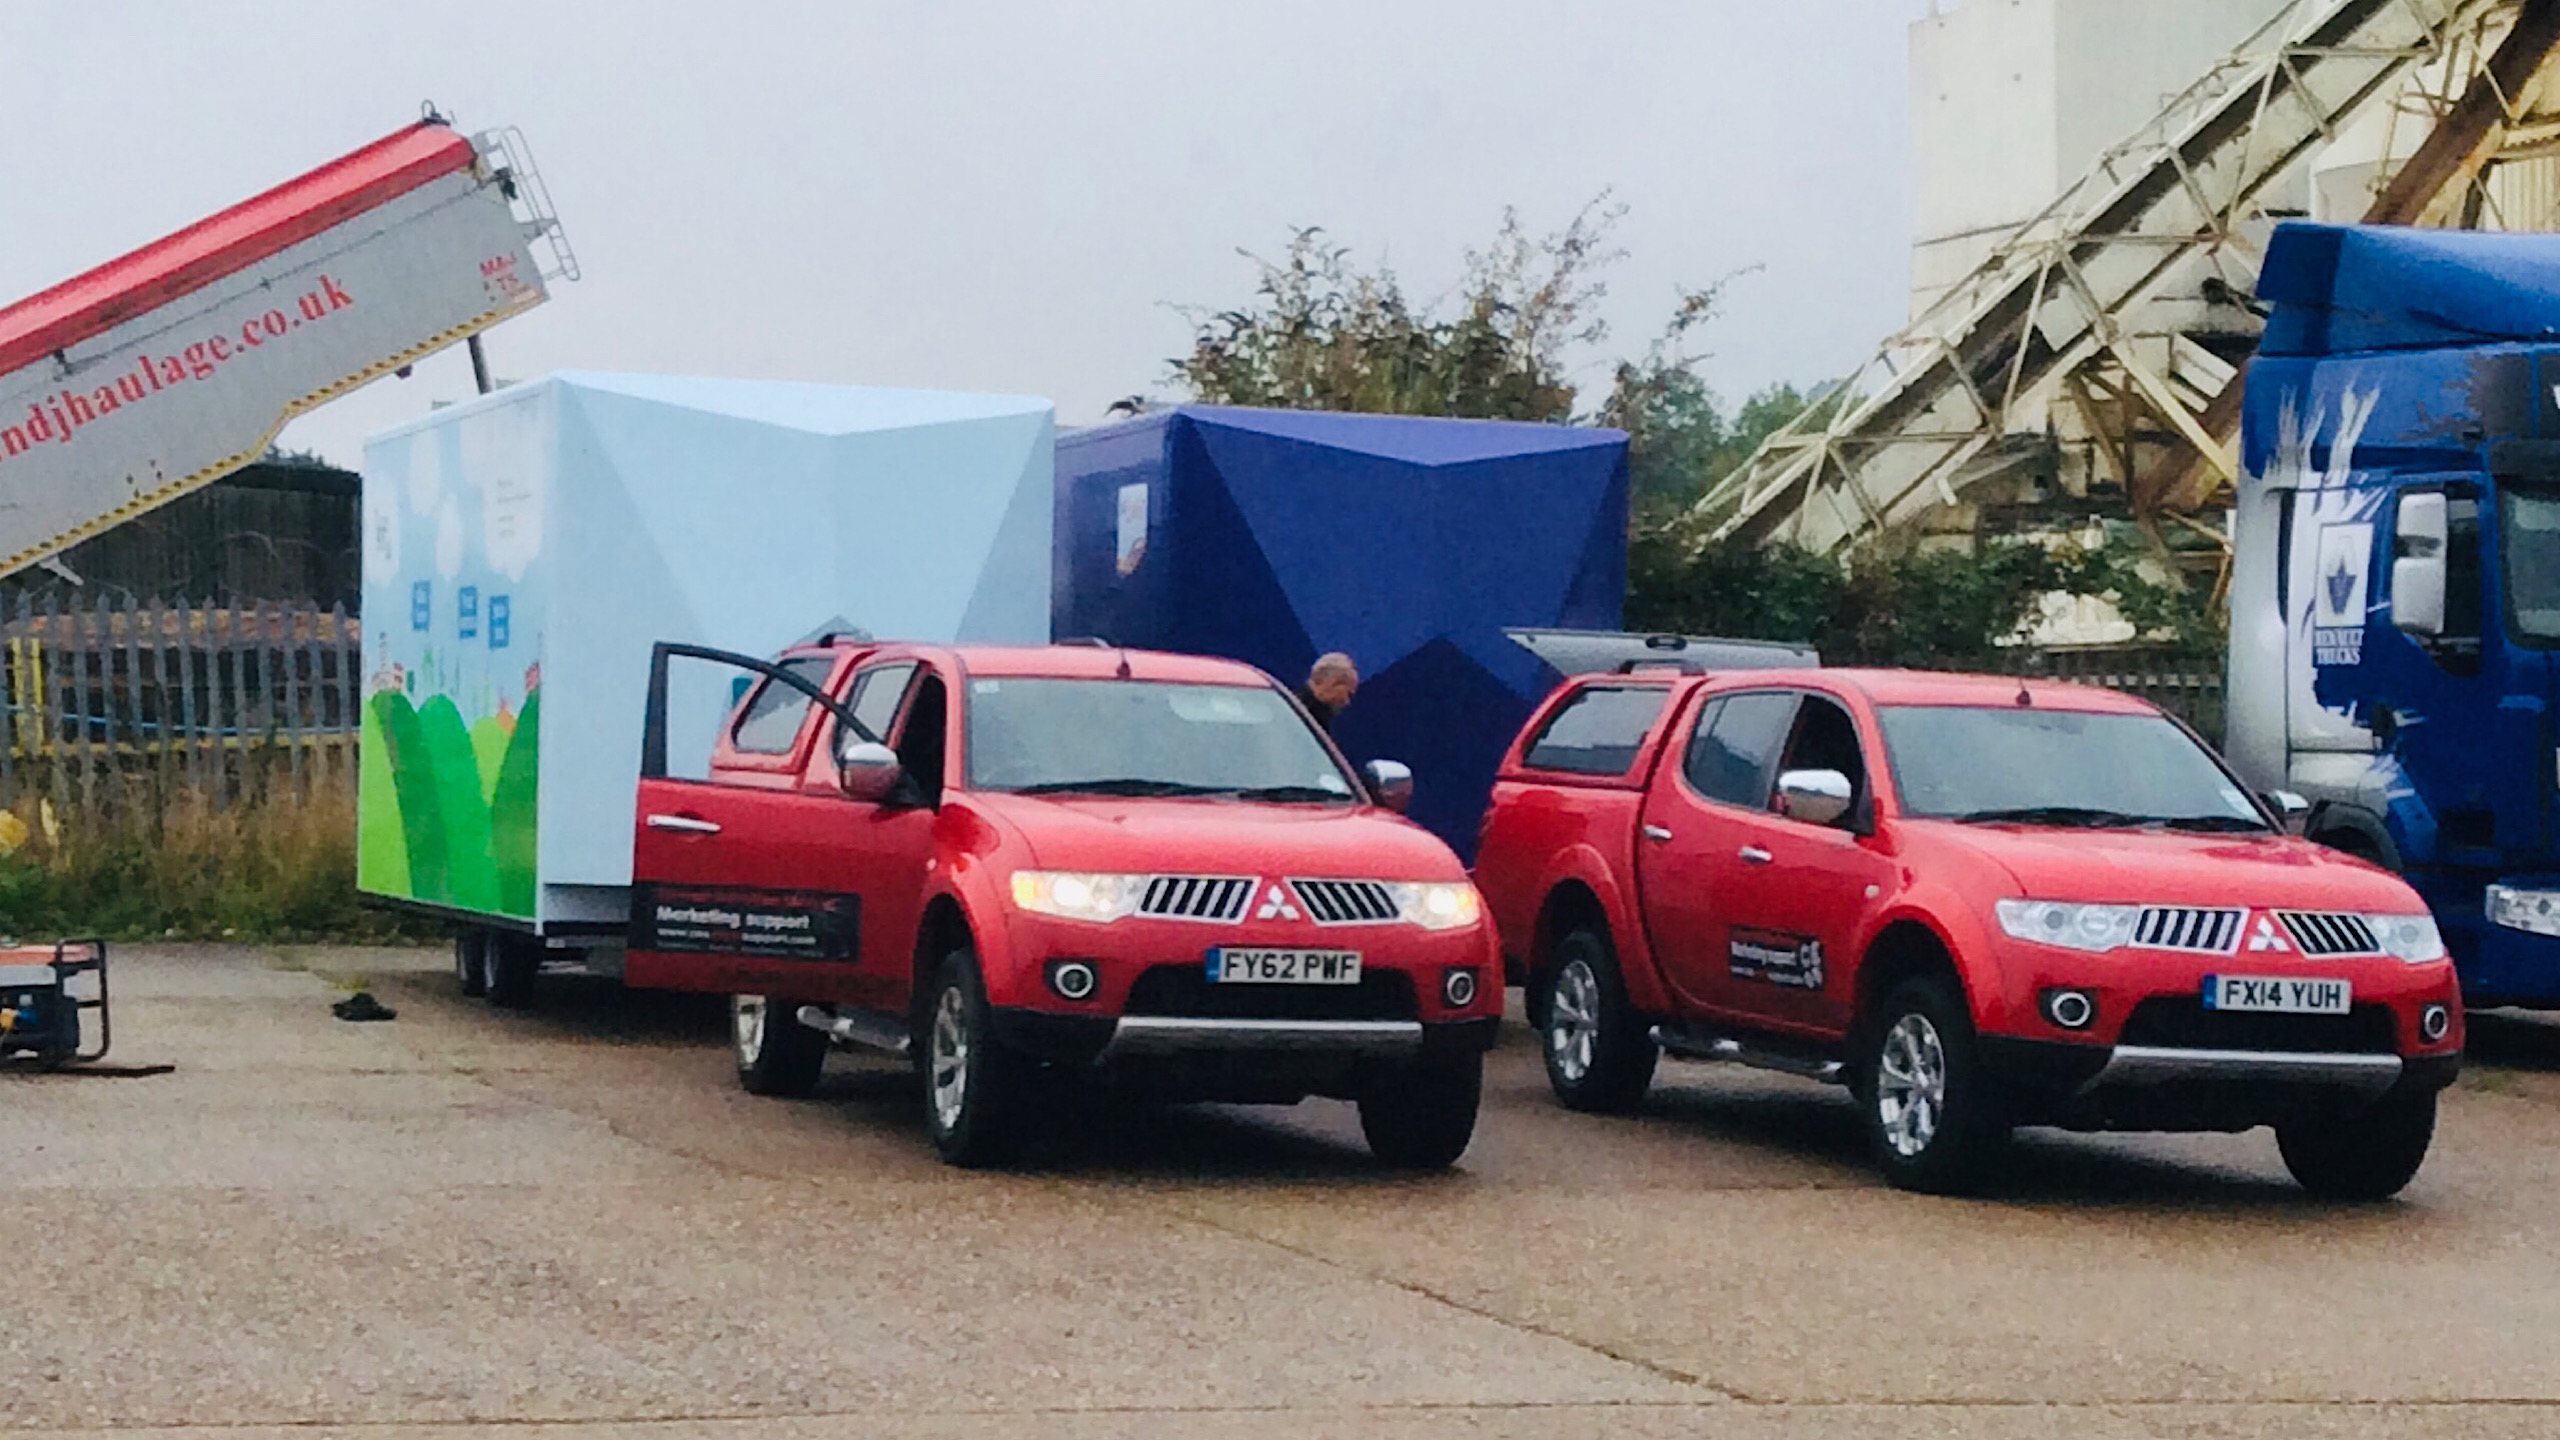 Contract exhibition services roadshow management services